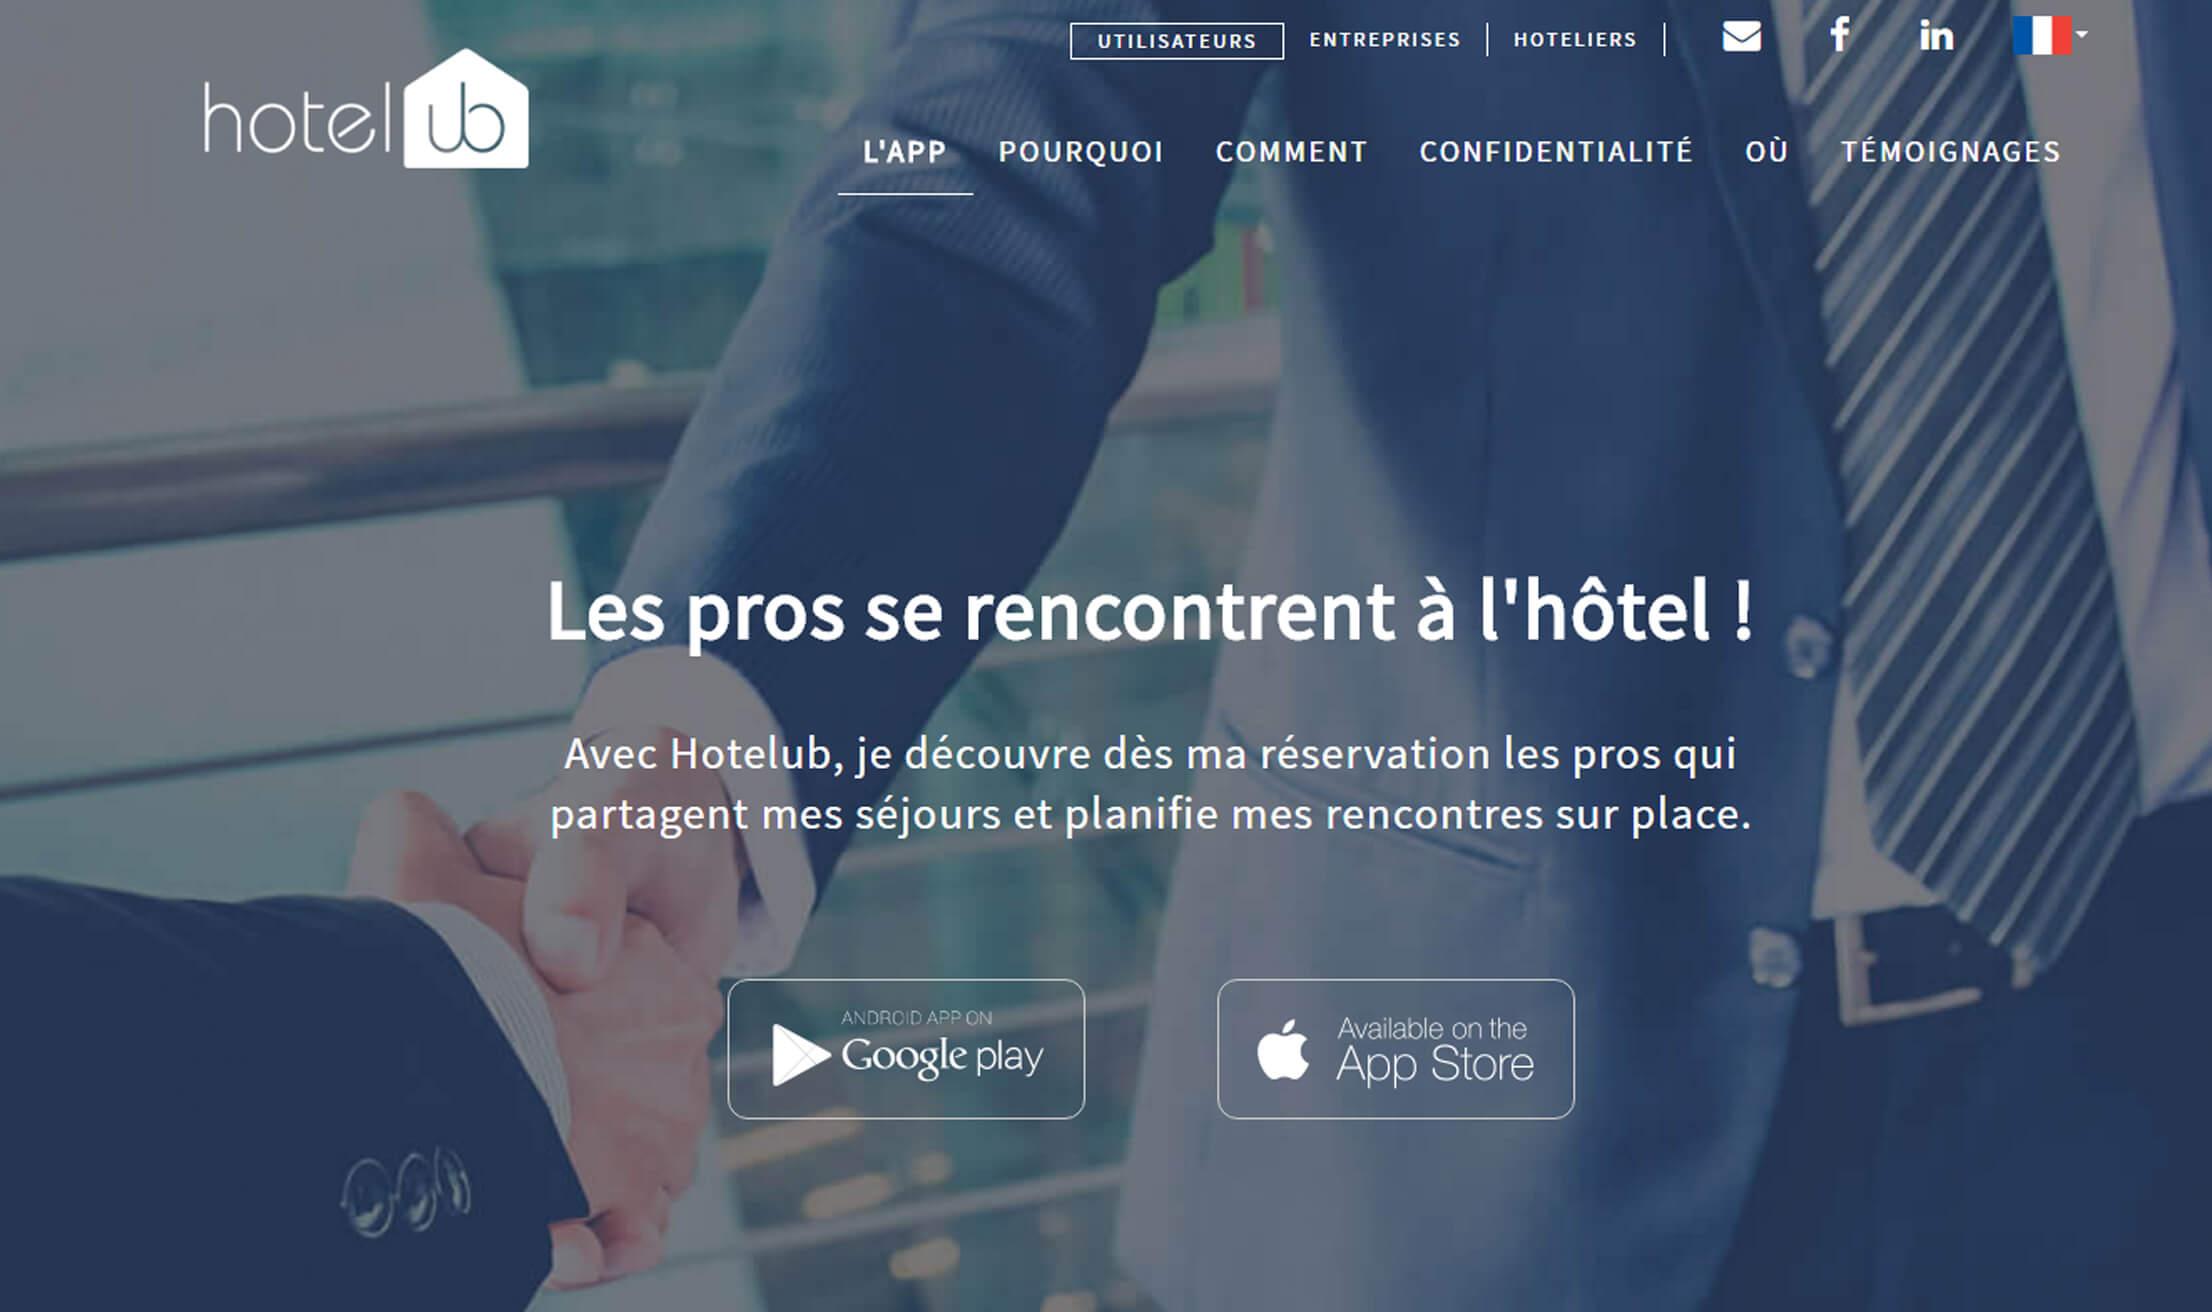 Hotelub utilisateurs